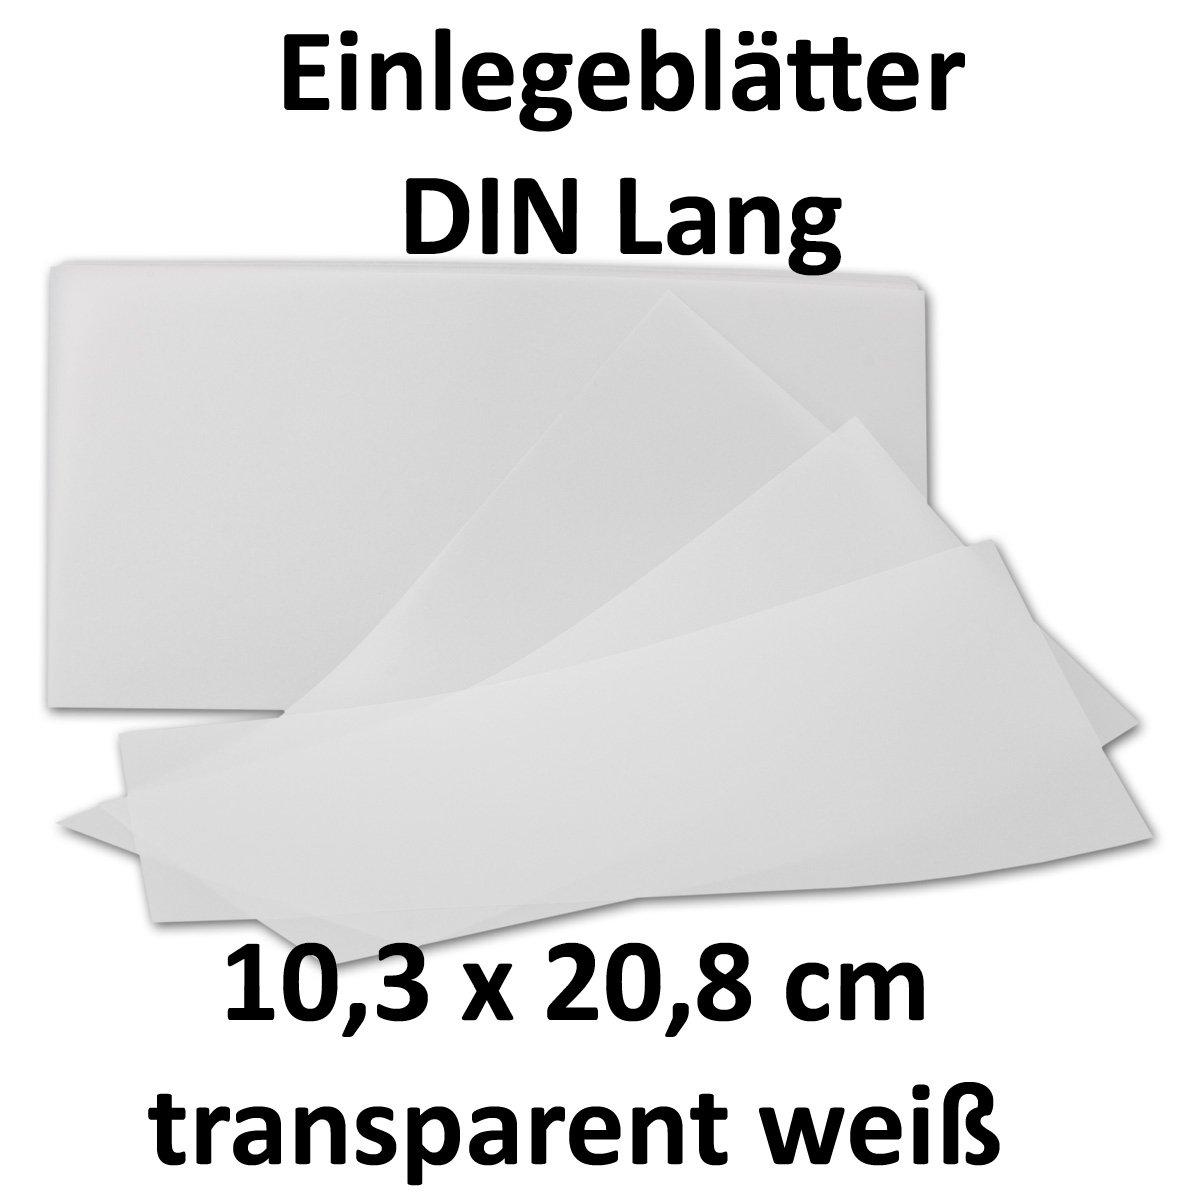 500x ungefalztes einfaches Einlege-Papier für DIN Lang Karten   transparent-weiß   103 x 208 mm   ideal zum Bedrucken mit Tinte und Laser   hochwertig mattes Papier von GUSTAV NEUSER® B07CM1P6D9 | Preiszugeständnisse